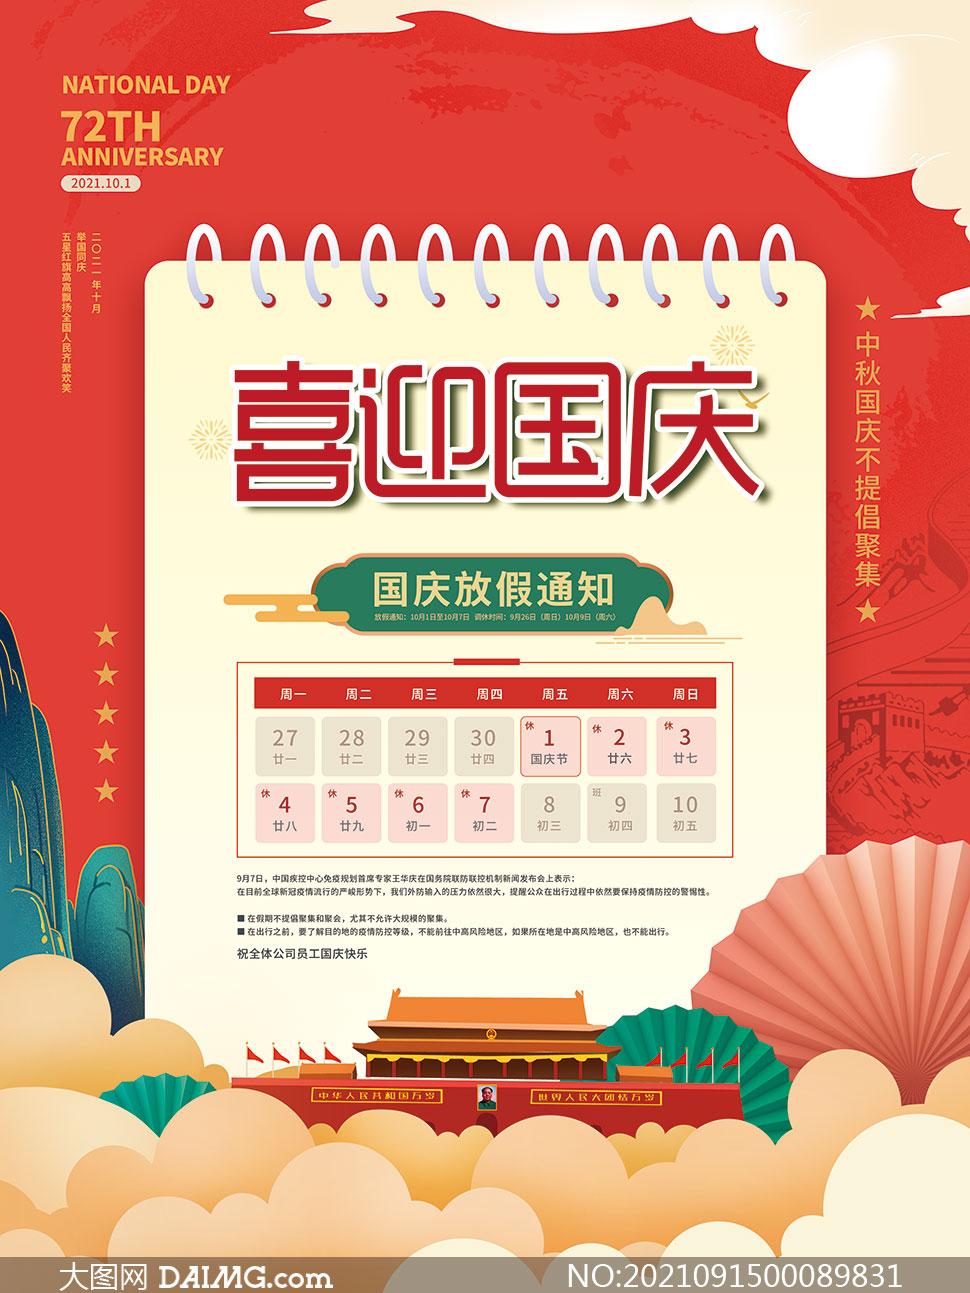 2021喜迎国庆公司放假通知海报PSD素材